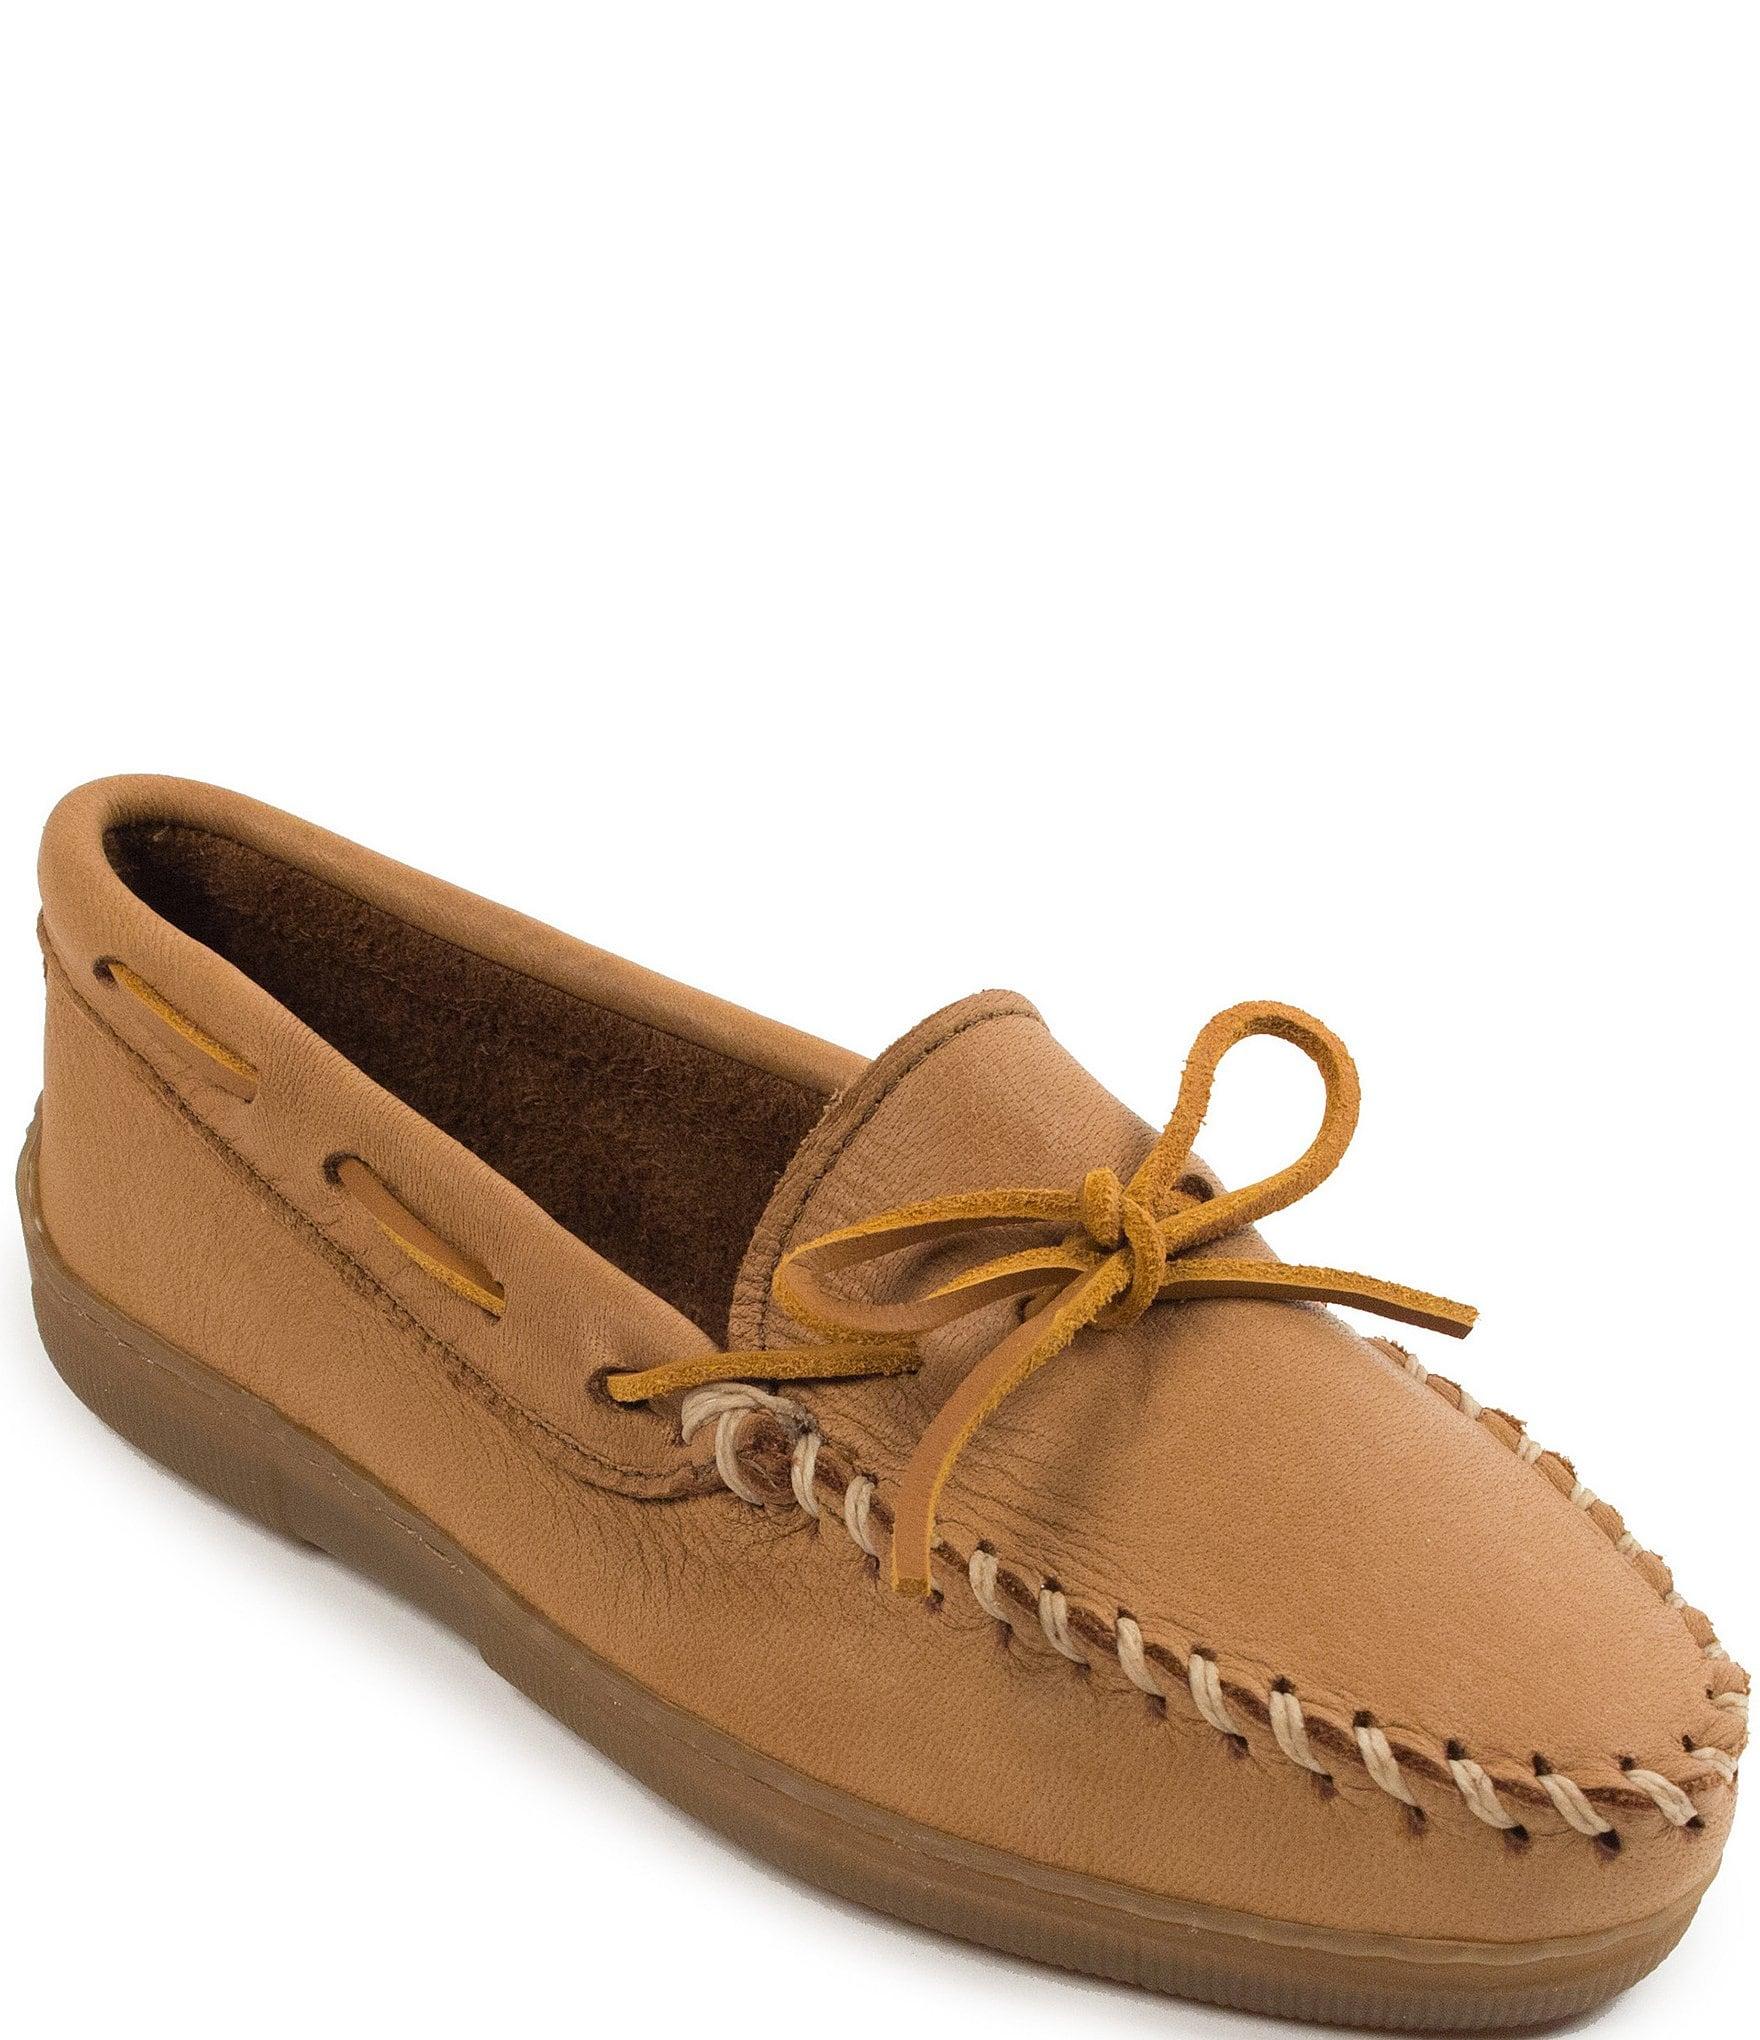 Minnetonka Women's Wide Width Shoes